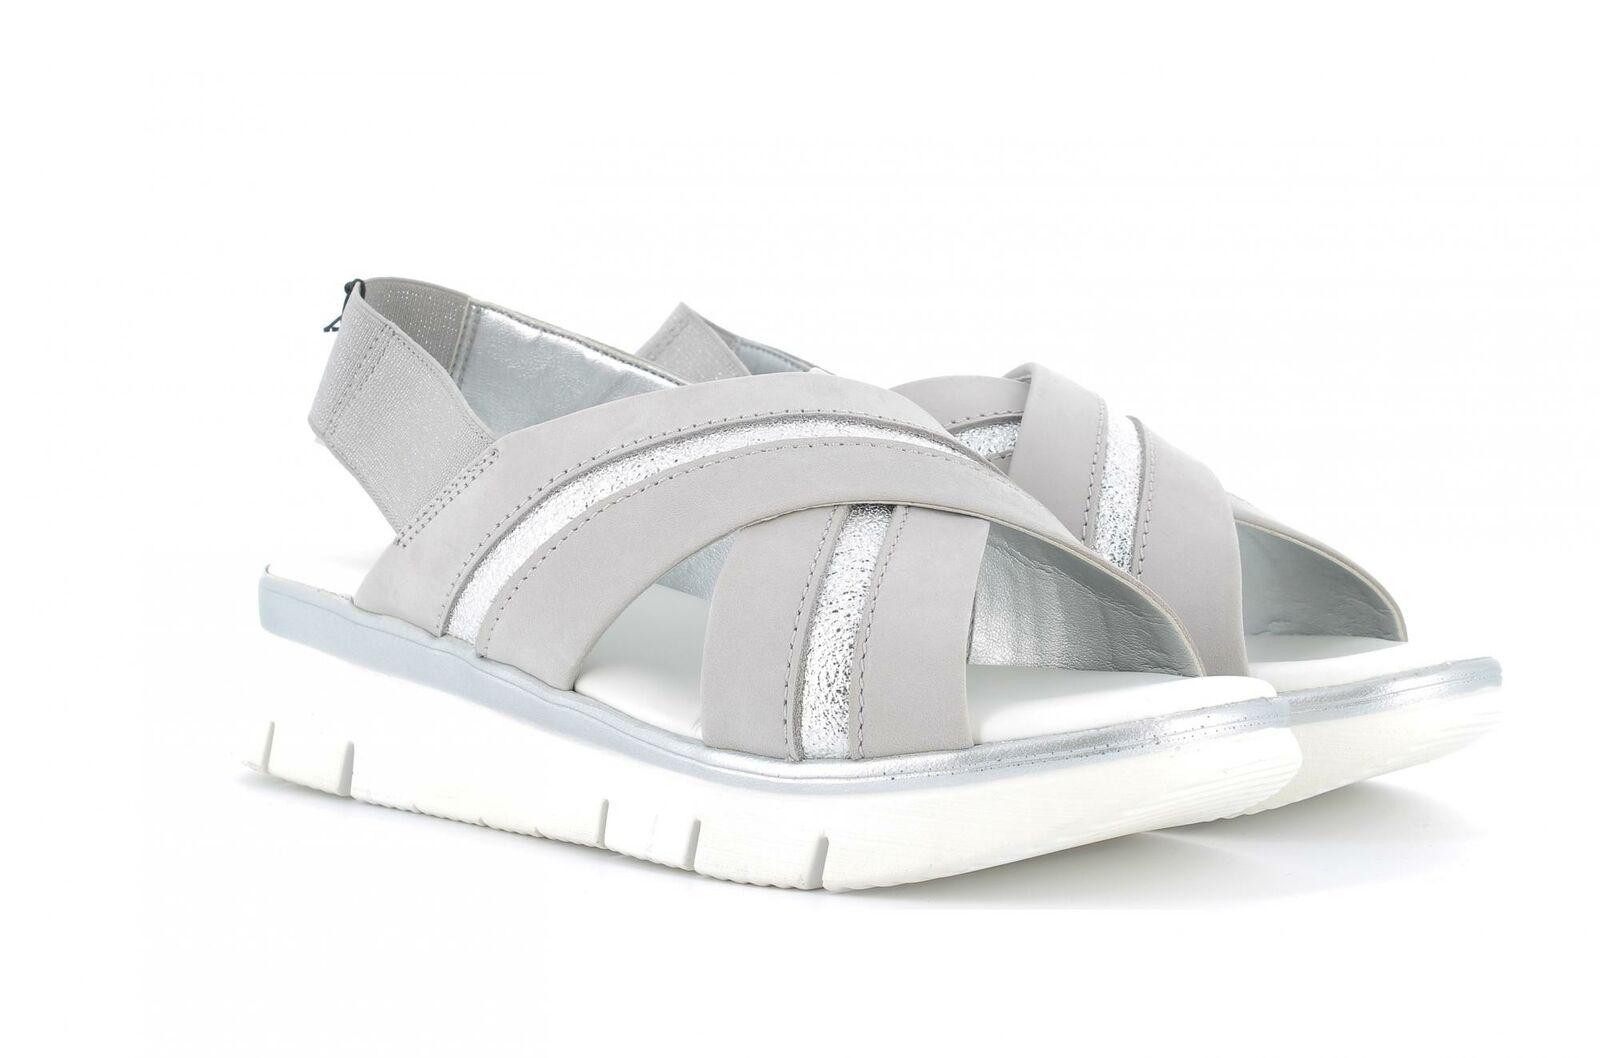 The Flexx P19g Schuhe Frau Keil Sandalen D2016 22 HOWARD grau Silber